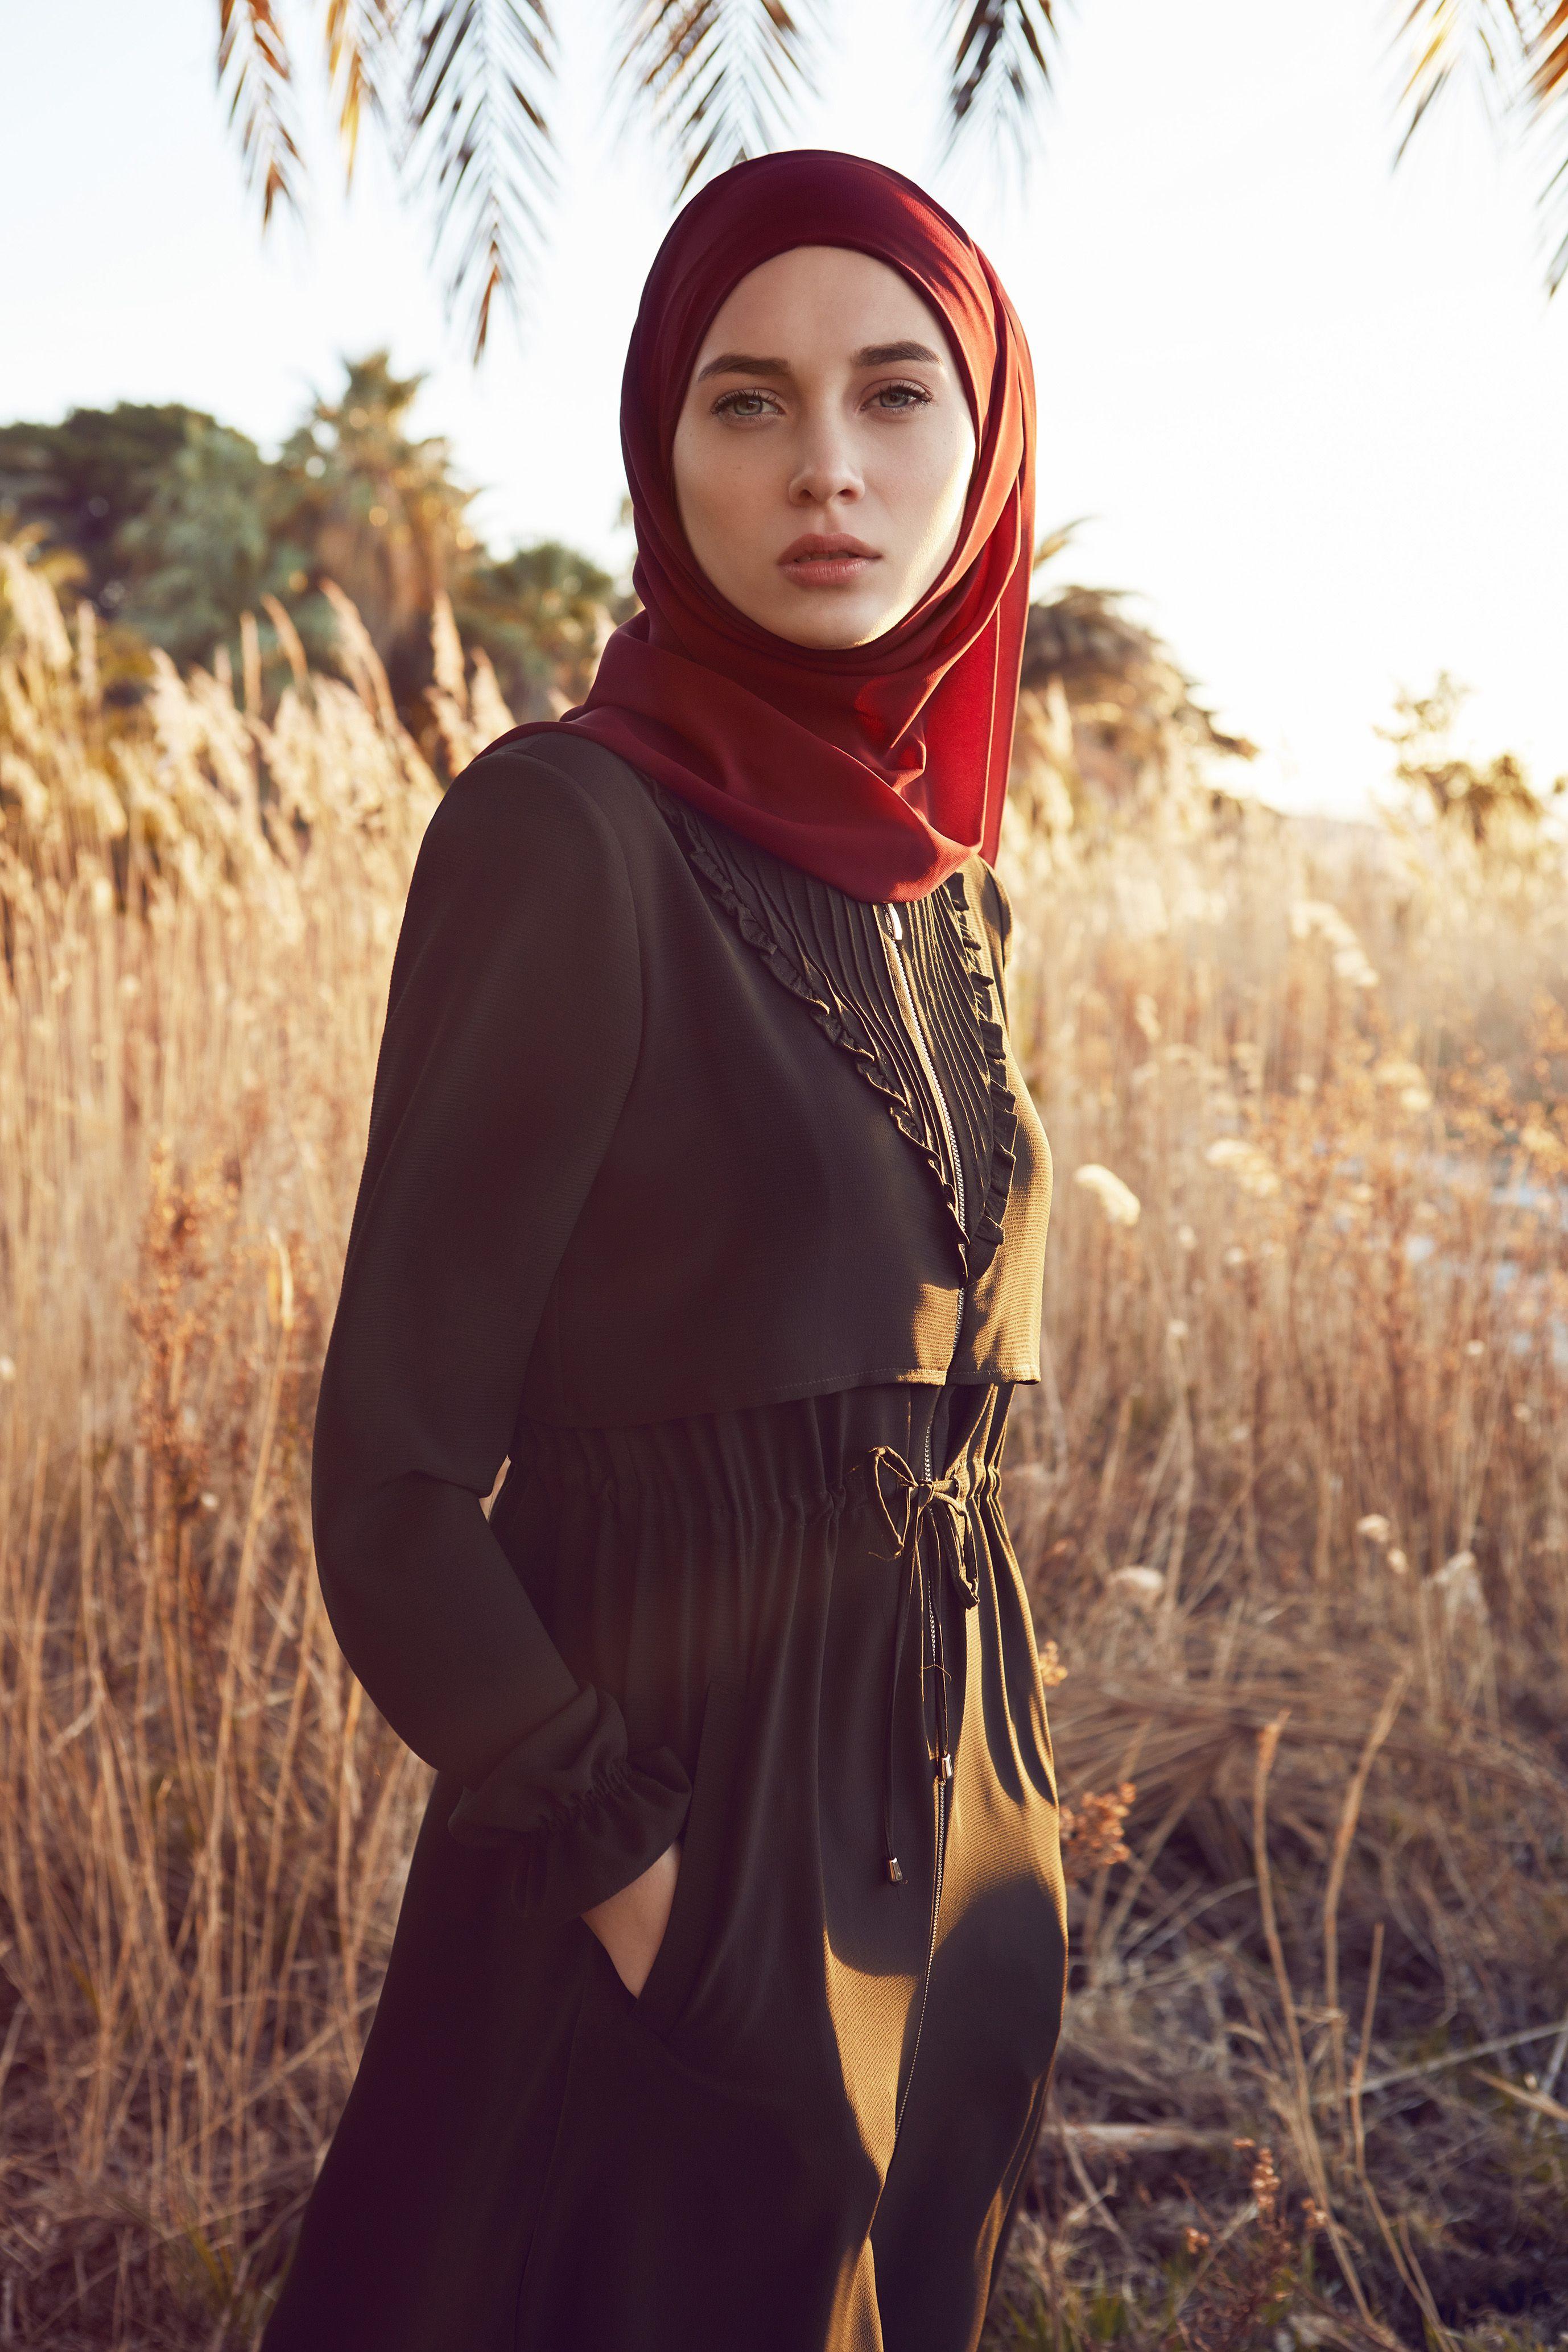 998cb0b389190 #tugba #venn #giyim #tesettür #giyim #kap #pardesü #ss17 #ilkbahar #yaz # yenisezon #trend #moda #şal #eşarp #tunik #kap #etek #pantolon #elbise ...